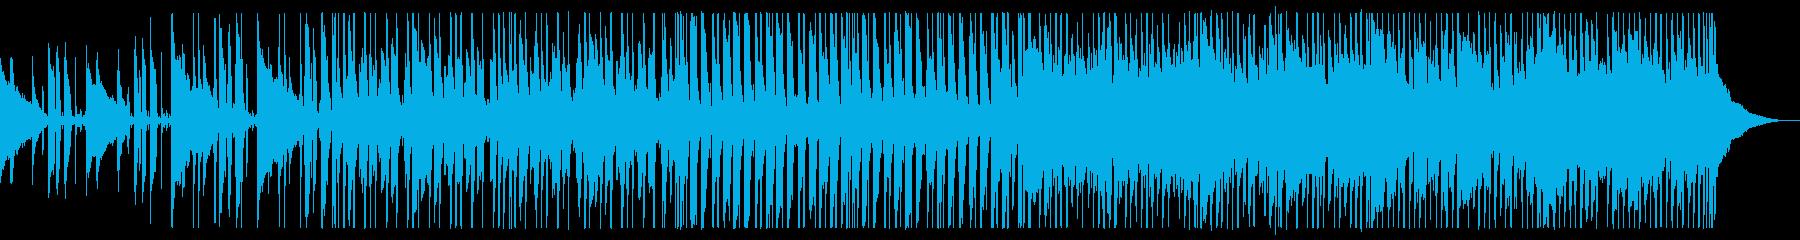 爽やかなカフェBGM_No686_3の再生済みの波形